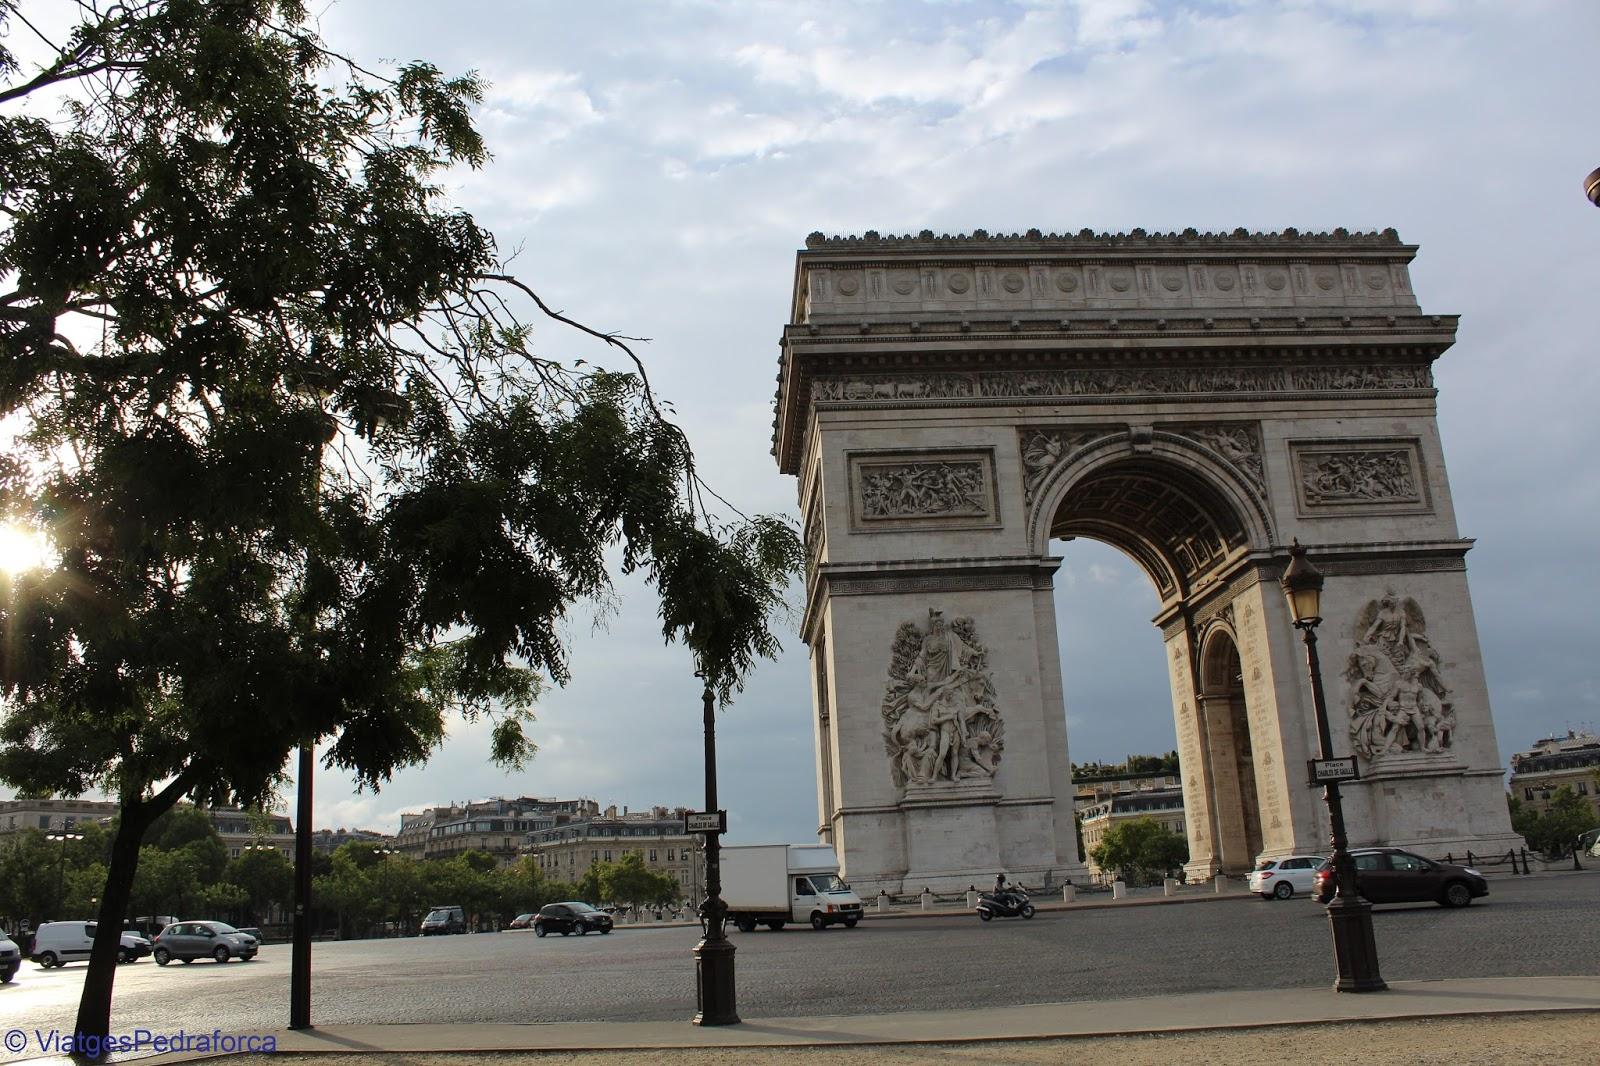 Etoile, Place Charles de Gaulle